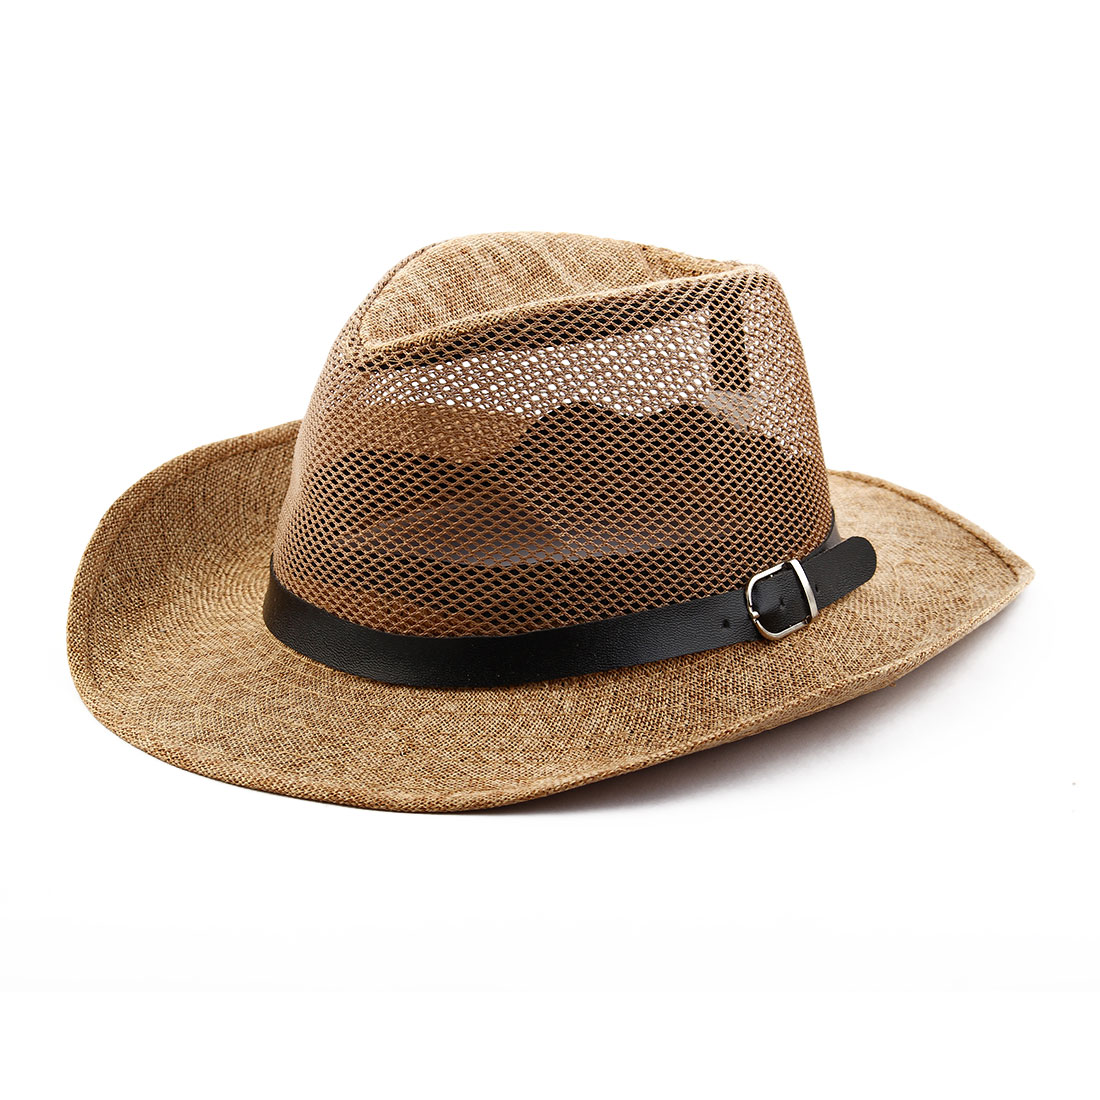 Summer Outdoor Linen Wide Brim Beach Mesh Cap Net Sunhat Cowboy Hat Brown